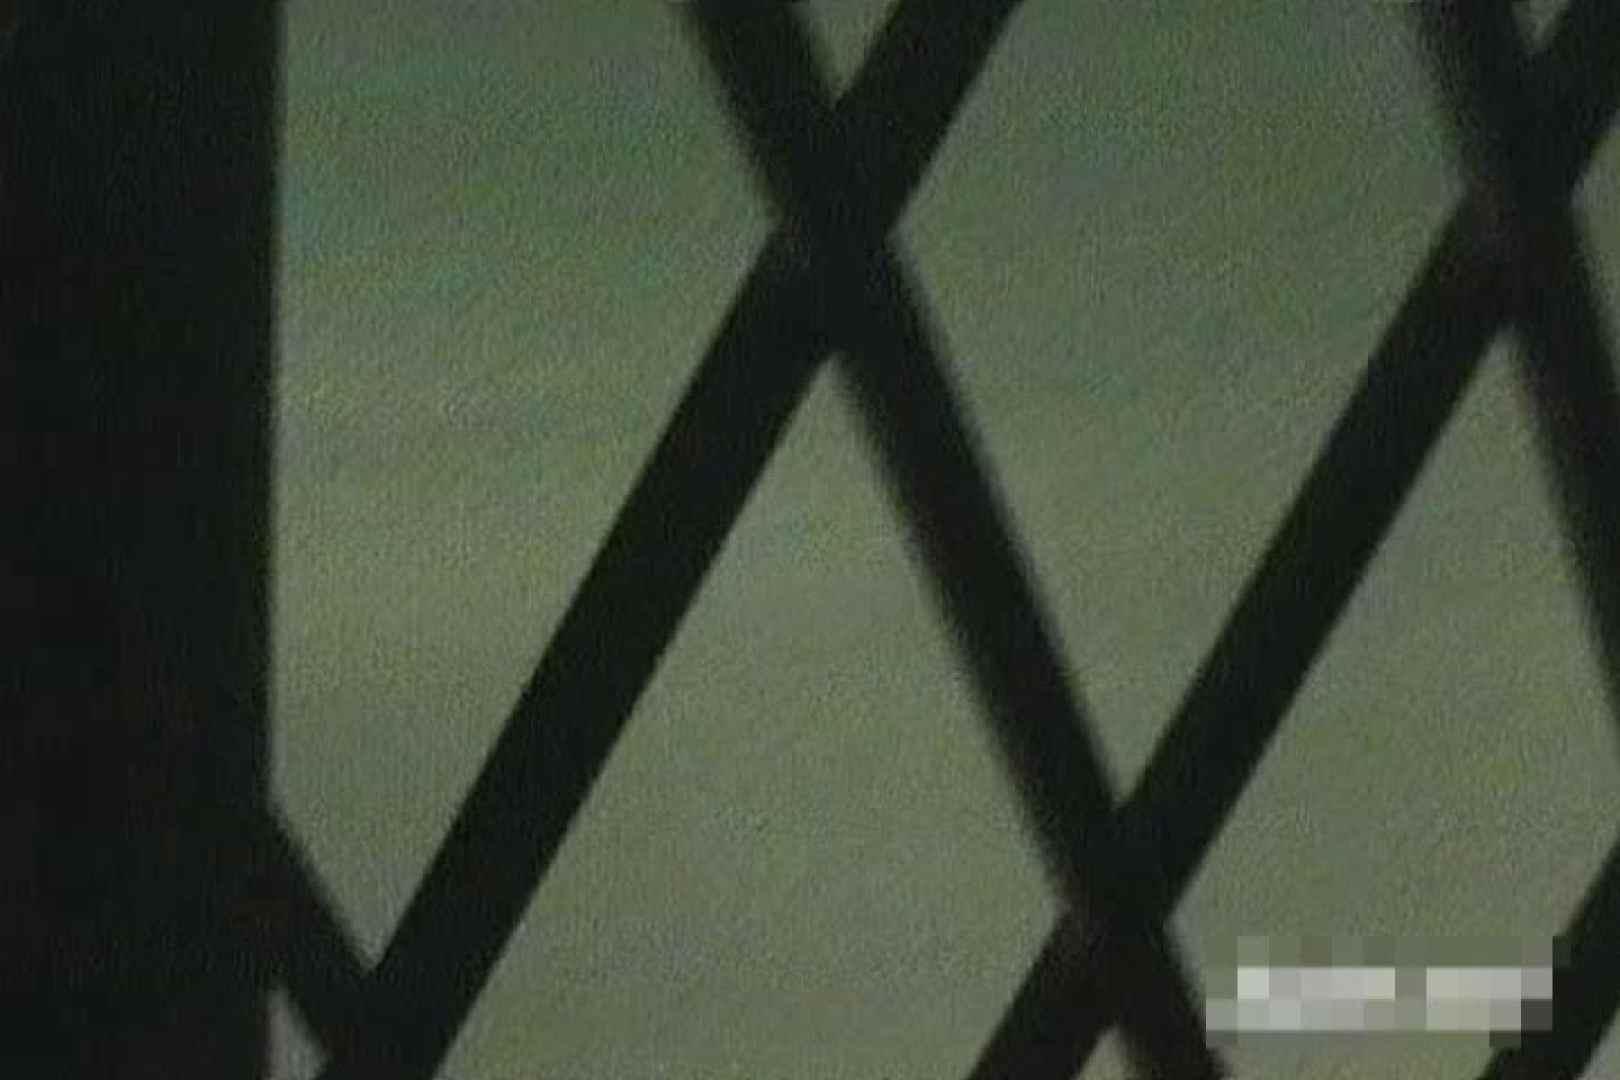 激撮ストーカー記録あなたのお宅拝見しますVol.4 プライベート AV無料動画キャプチャ 82画像 38